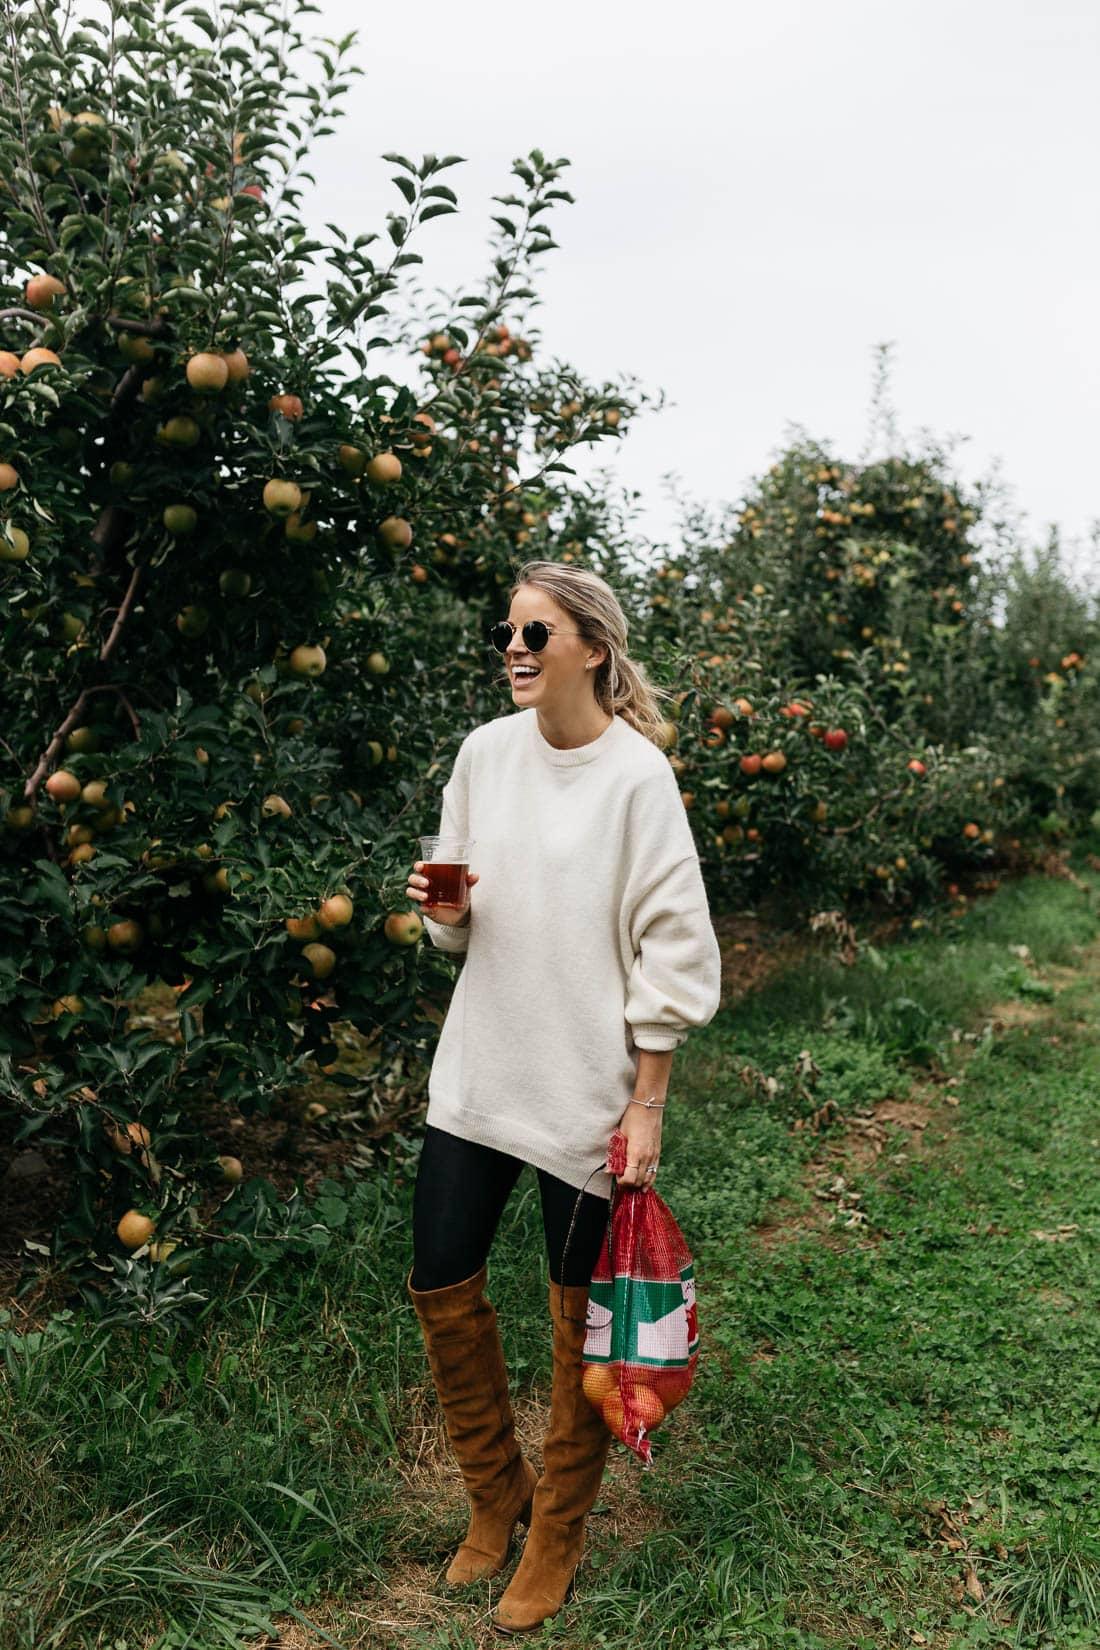 apple picking upstate